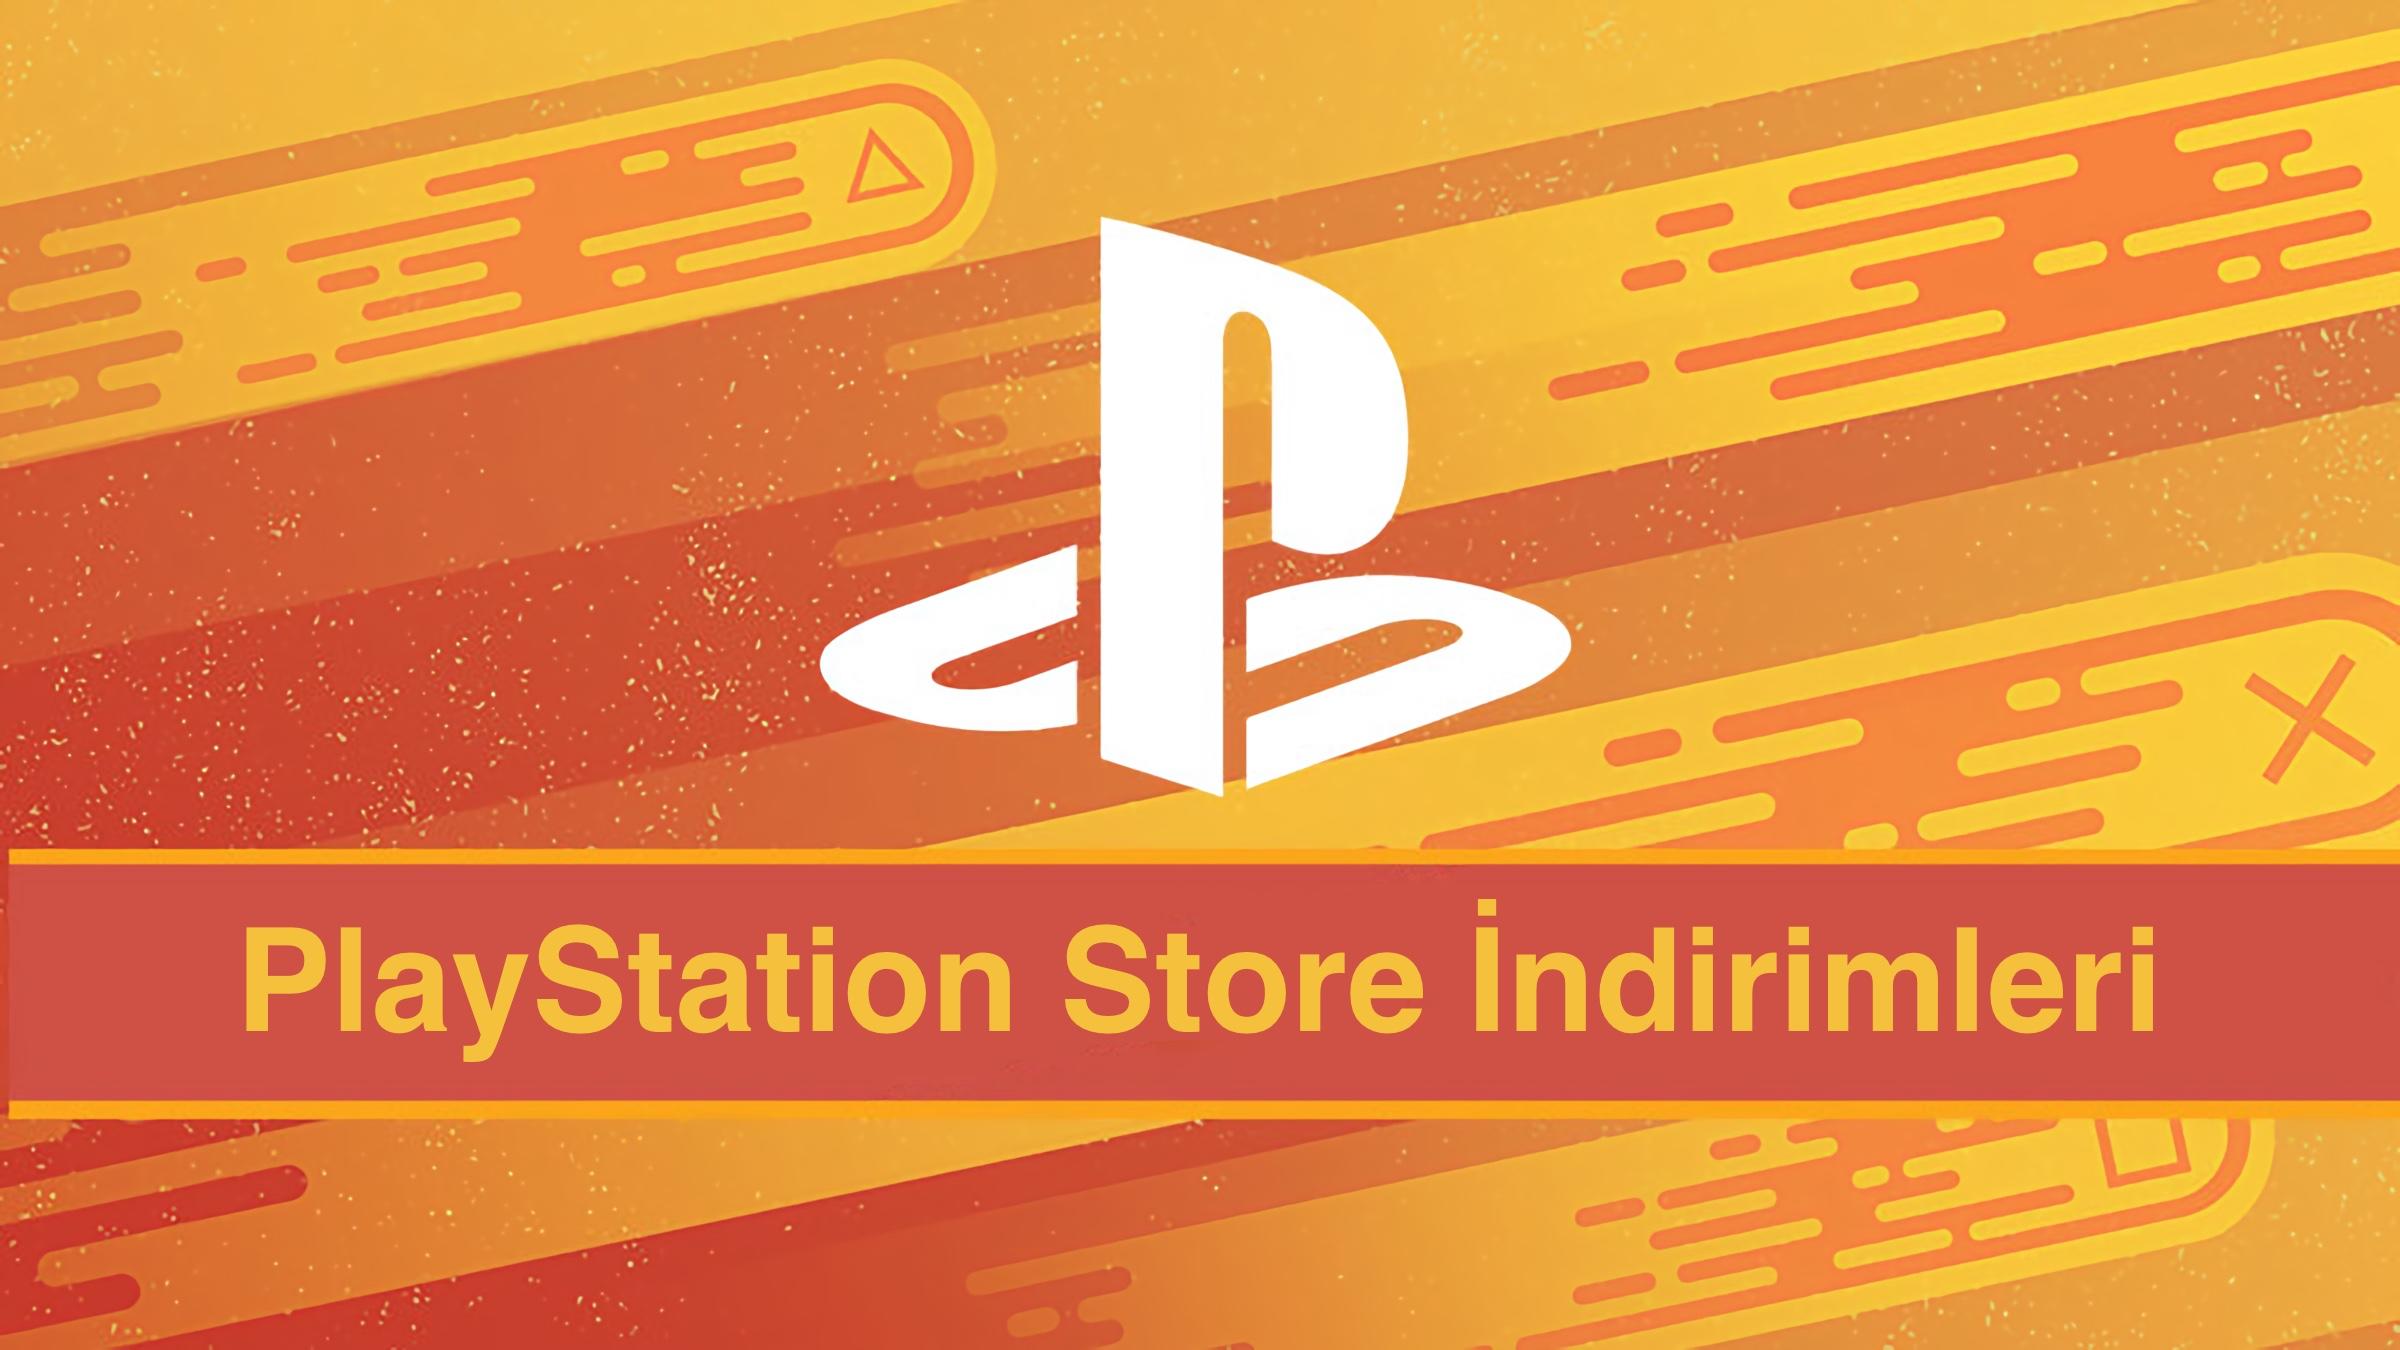 PlayStation Store-k deskontu haizea abian jarri zuen!